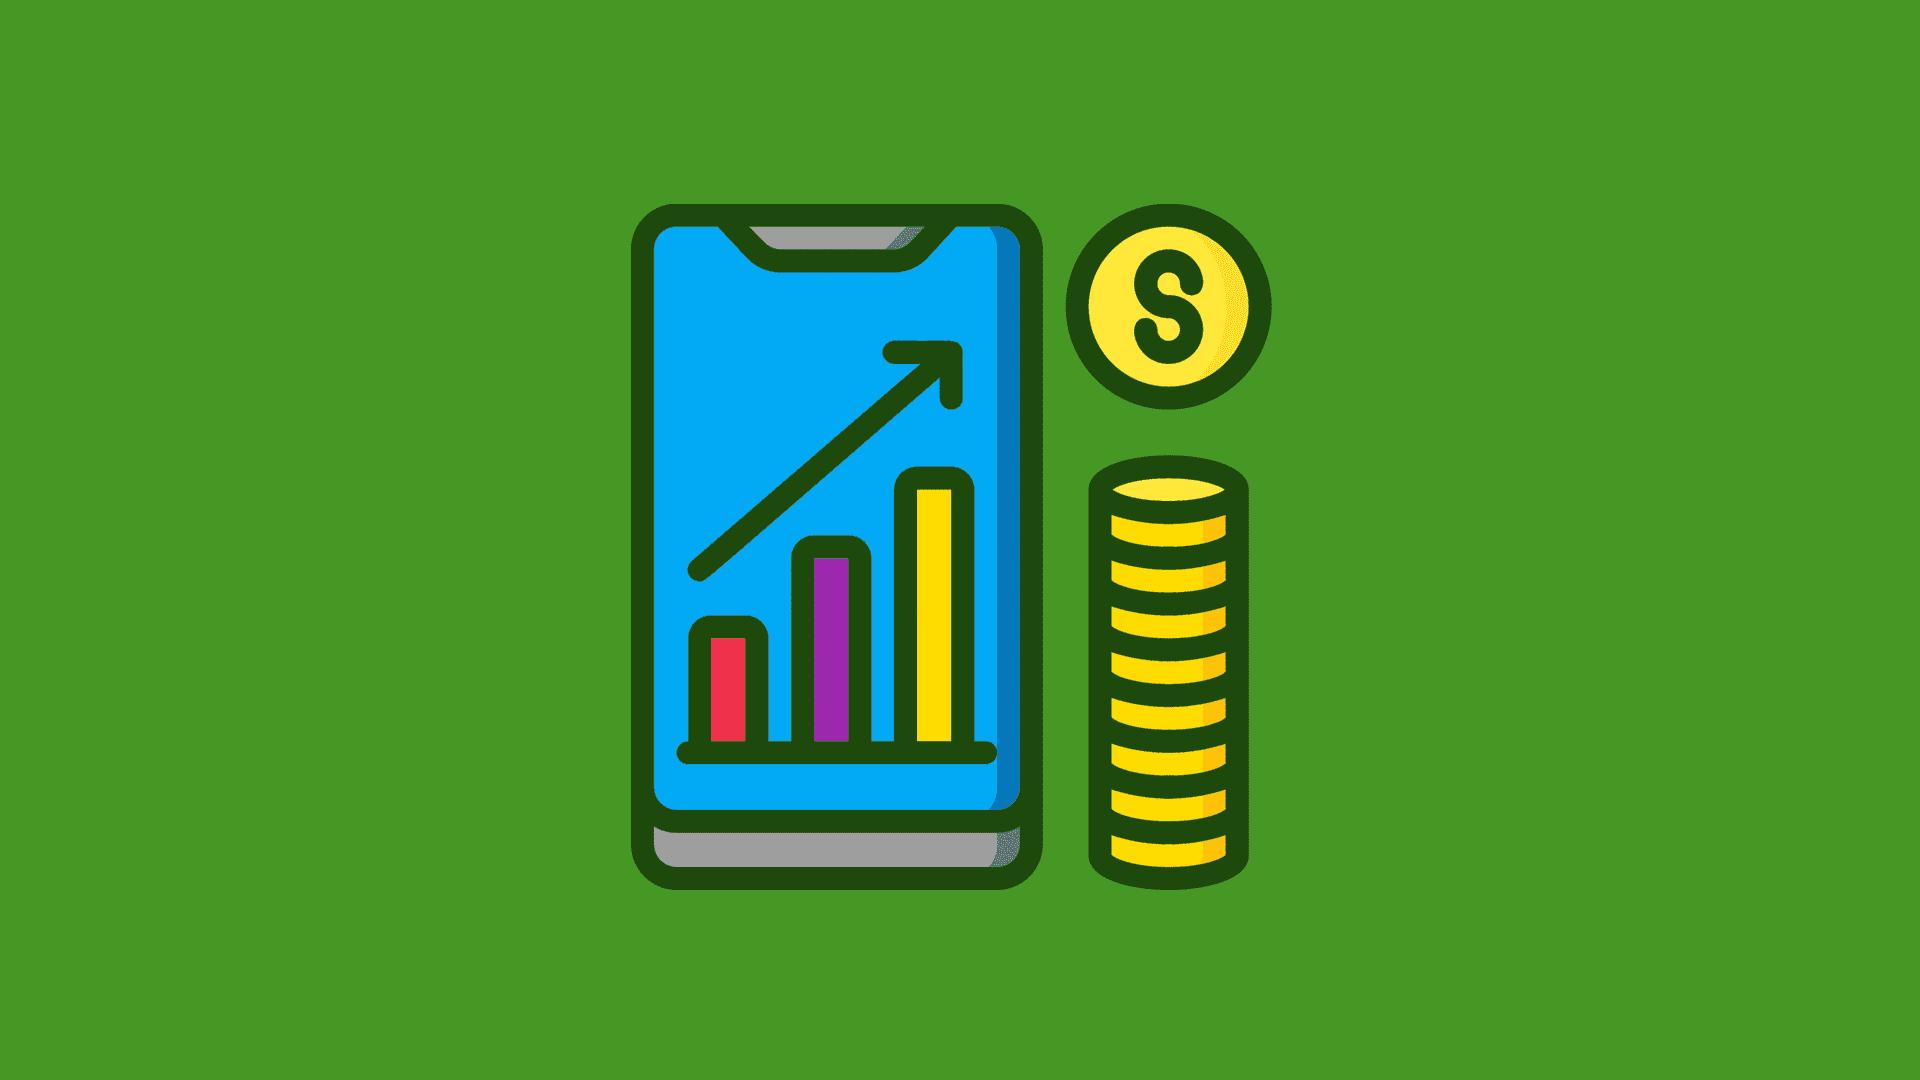 Como aumentar as vendas do seu negócio?